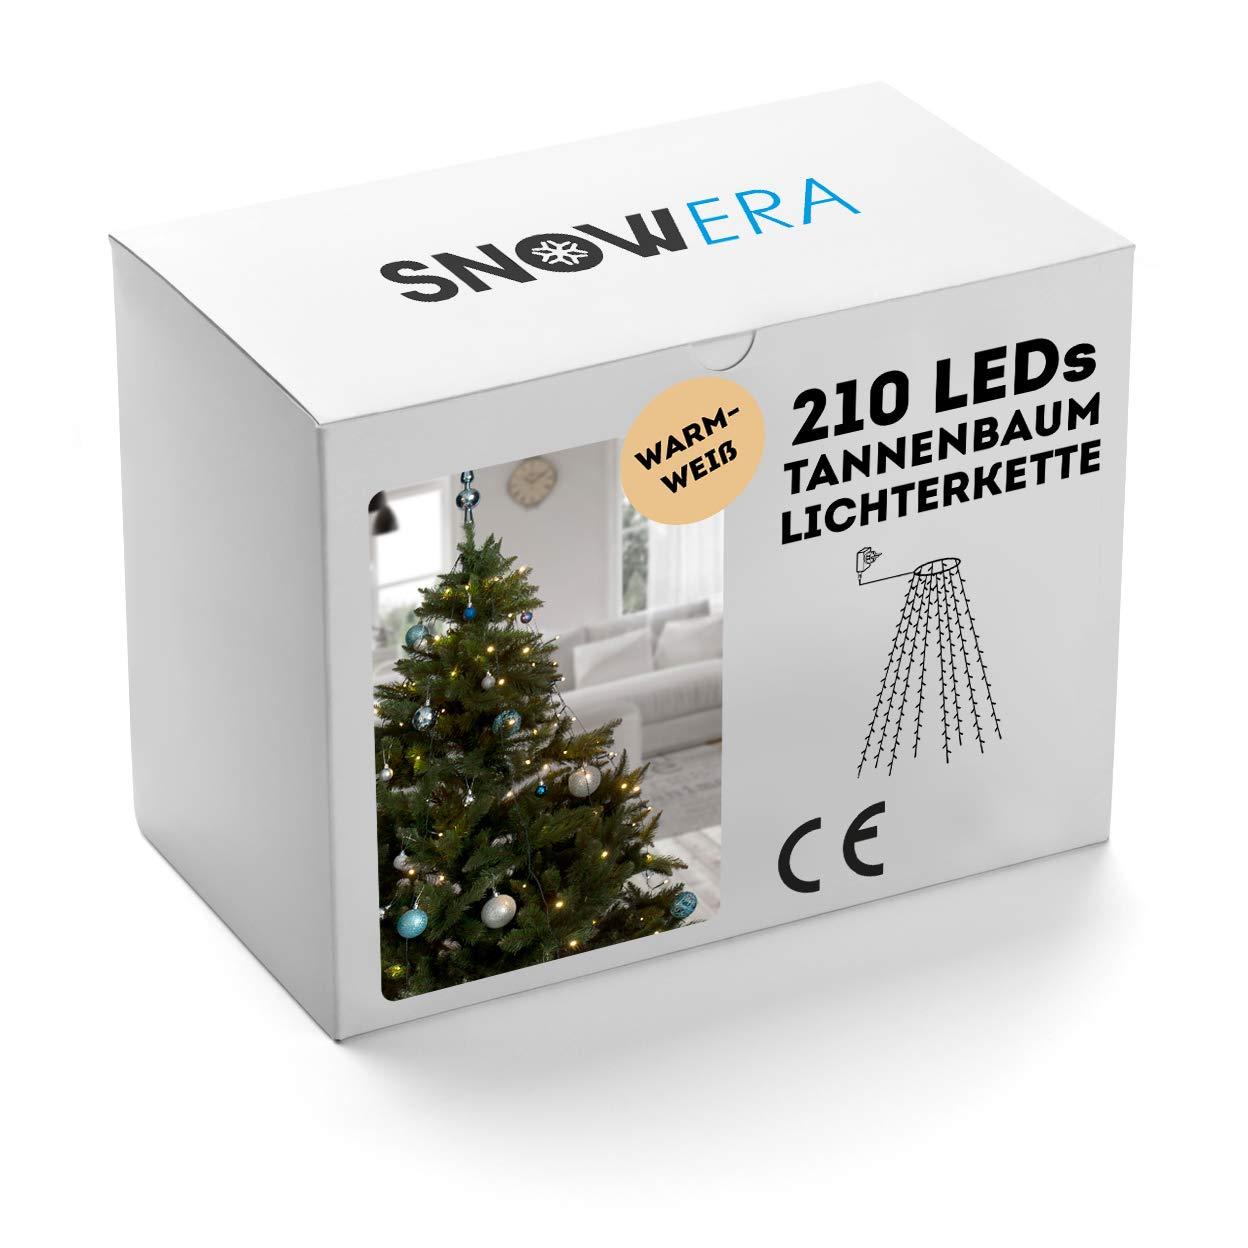 SnowEra 210er LED Weihnachtsbaumlichterkette in warmweiß | Überwurf Lichterkette für innen | Lichterkette mit Timer für Weihnachten - Einfach und schnell dekorieren - 10 Stränge a 21 LEDs je 2, 10 m